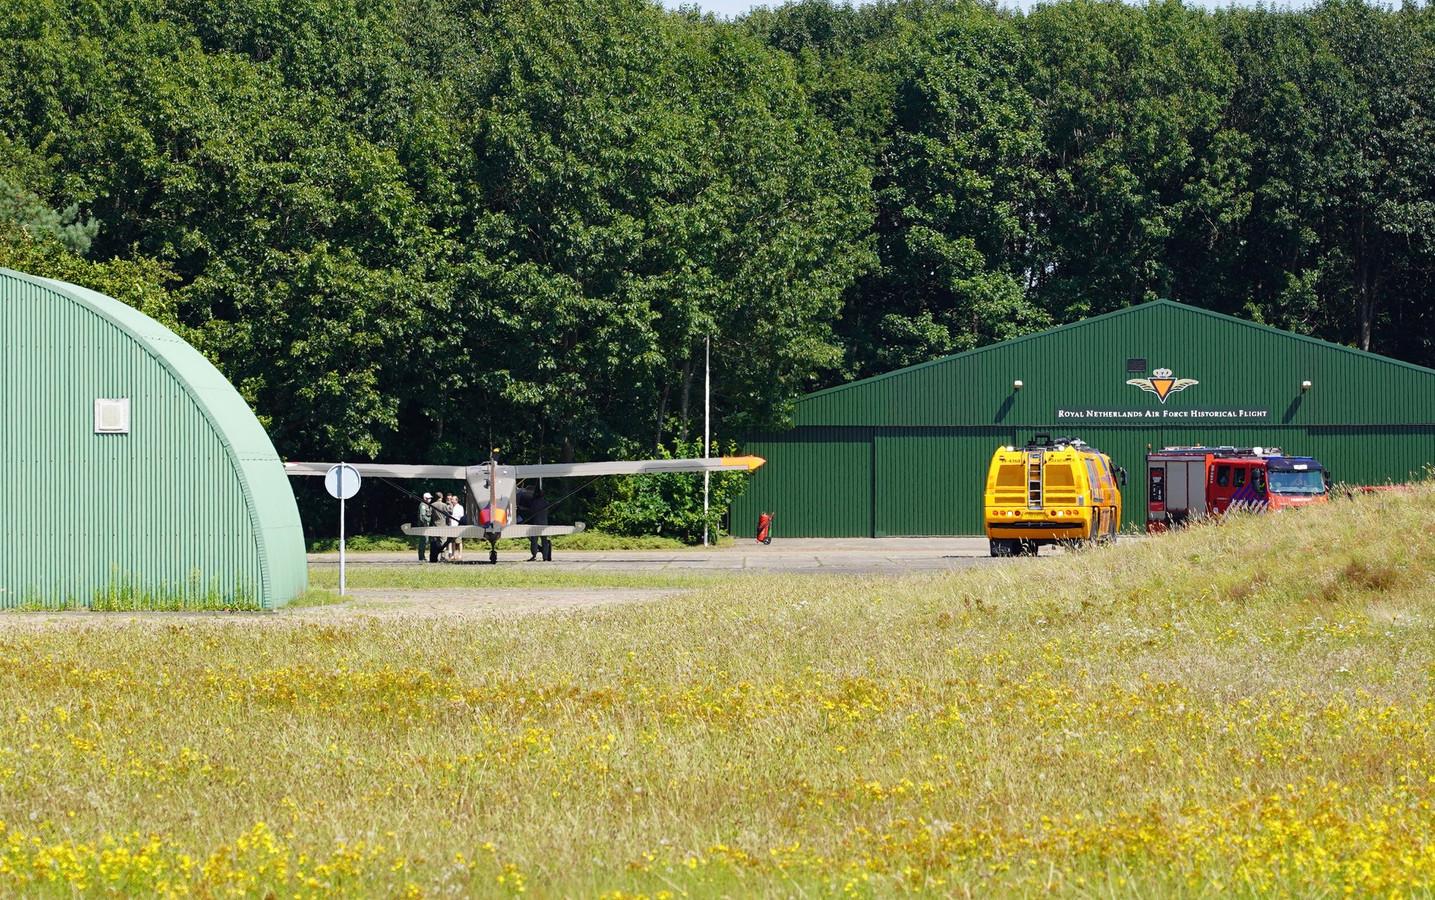 Het historische vliegtuigje moest een noodlanding maken op vliegbasis Gilze Rijen.